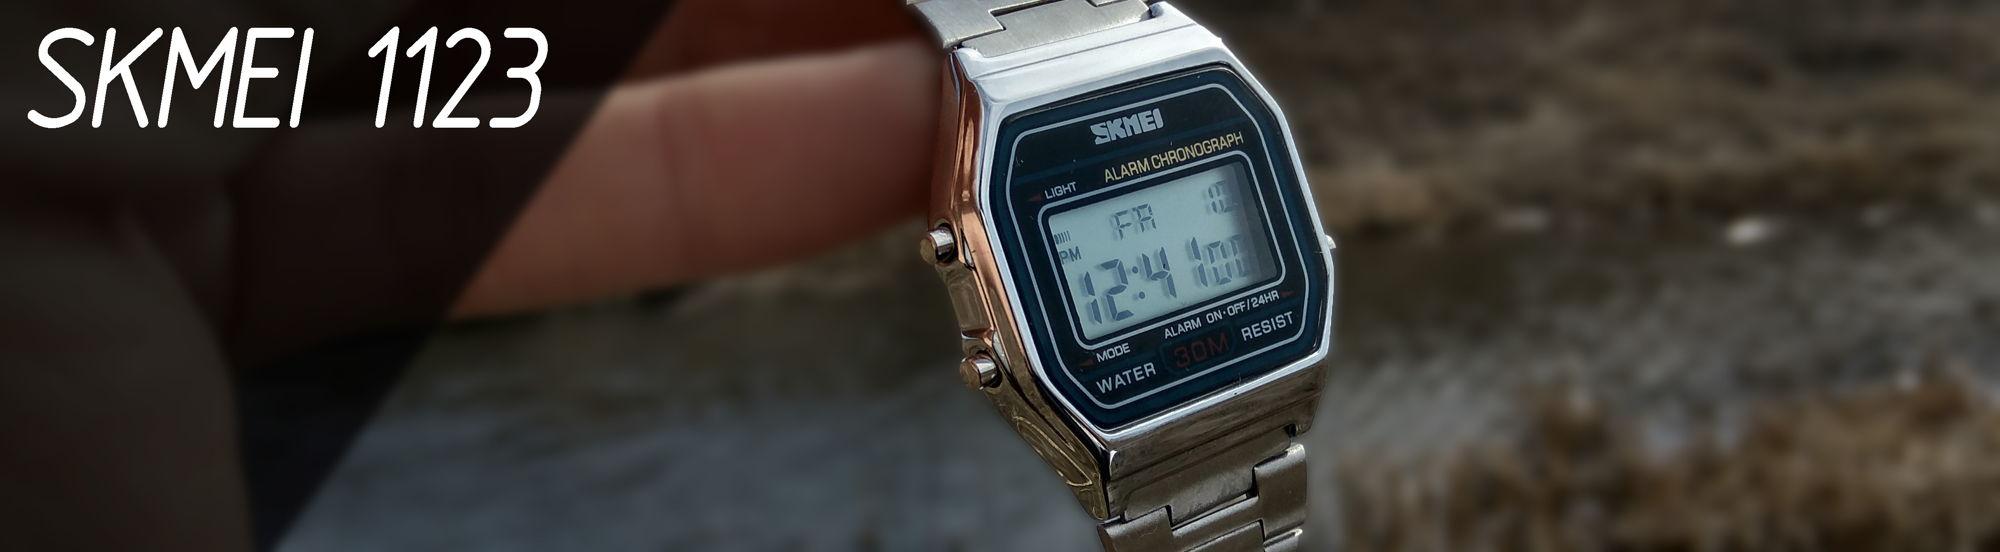 Обзор китайских часов skmei 1123